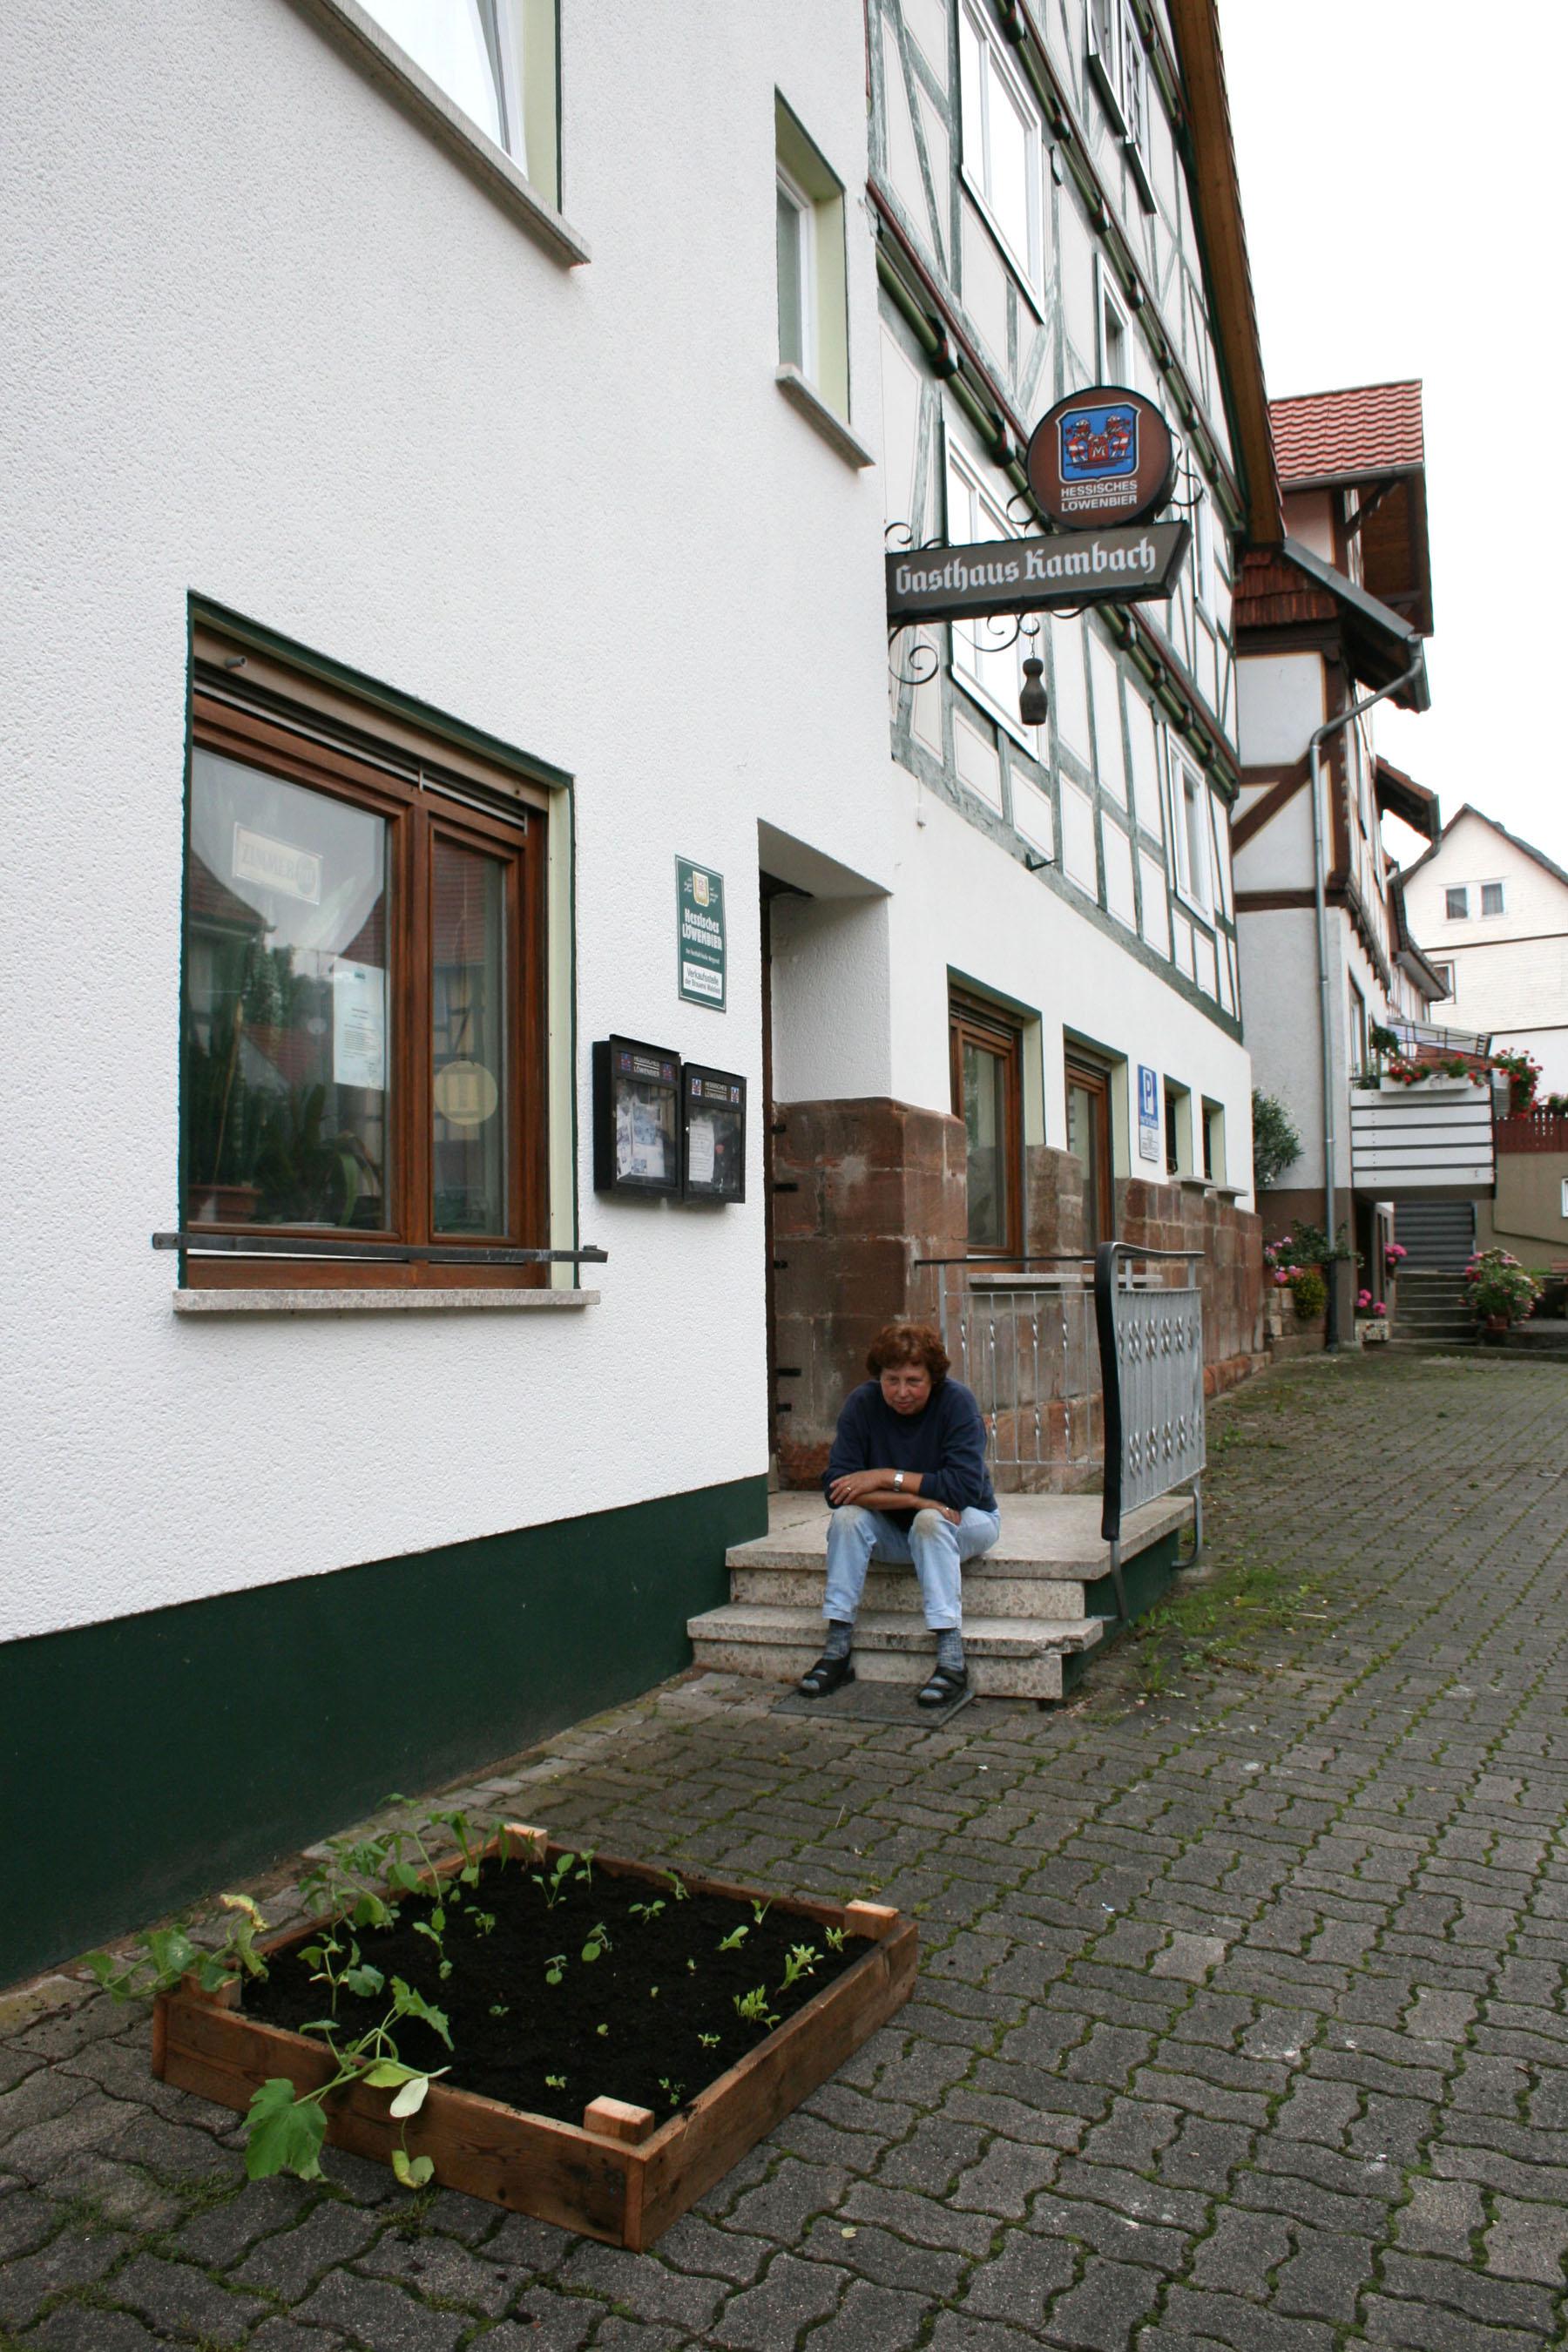 """Gaststätte Kambach,Zur Kirche 1,  36211 AlheimOberellenbach,    Uiteindelijk gaat de twaalfde volkstuin naar kunstenaar Gerd Logemann's Godmother. Zij heeft een pension. Terwijl ik het tuintje maak kijkt ze toe. Ik vertel dat haar plaatsgenoot Michael er ook een heeft. """"Oh die heeft het veel te druk"""" zegt ze. """"Ik zal ook wel op zijn tuintje letten"""". Kijk, dat is nou het goede dorpstuin gevoel!     E-mail; 29 november 2007:Ich bin die Tochter von der Frau Kambach. Ich soll Ihnen den Brief und die Bilder Ihres Projektes übersenden. Leider konnte ich die Bilder est nach dem ersten Frosttag machen, da ich nicht so oft dort bin. Aber ich kann Ihnen versichern das der """"Garten"""" wunderschön geworden ist.      Herzlichen Dank für Ihren Brief und das Foto. Ich kann Ihnen mit Stolz versichern,daß mir Ihr """" Schrebergarten"""" viel Freude bereitet hat. Auch unsere Nachbarn habe das Wachstum mit Interesse verfolgt. Mittlerweile ist der Garten ganz zugewachsen. Ich habe Gurken und Mangold geerntet und eine Zuchini gab es auch. Beim Salat hatte ich leider unbekannte Helfer. Es sei Ihnen gegönnt :-) Ich habe roten Mohn ausgesäht, der schon fleißig gewachsen ist, für die Blüte im nächsten Jahr. Ich denke auch dann werden wieder viele ihre Freude daran haben."""